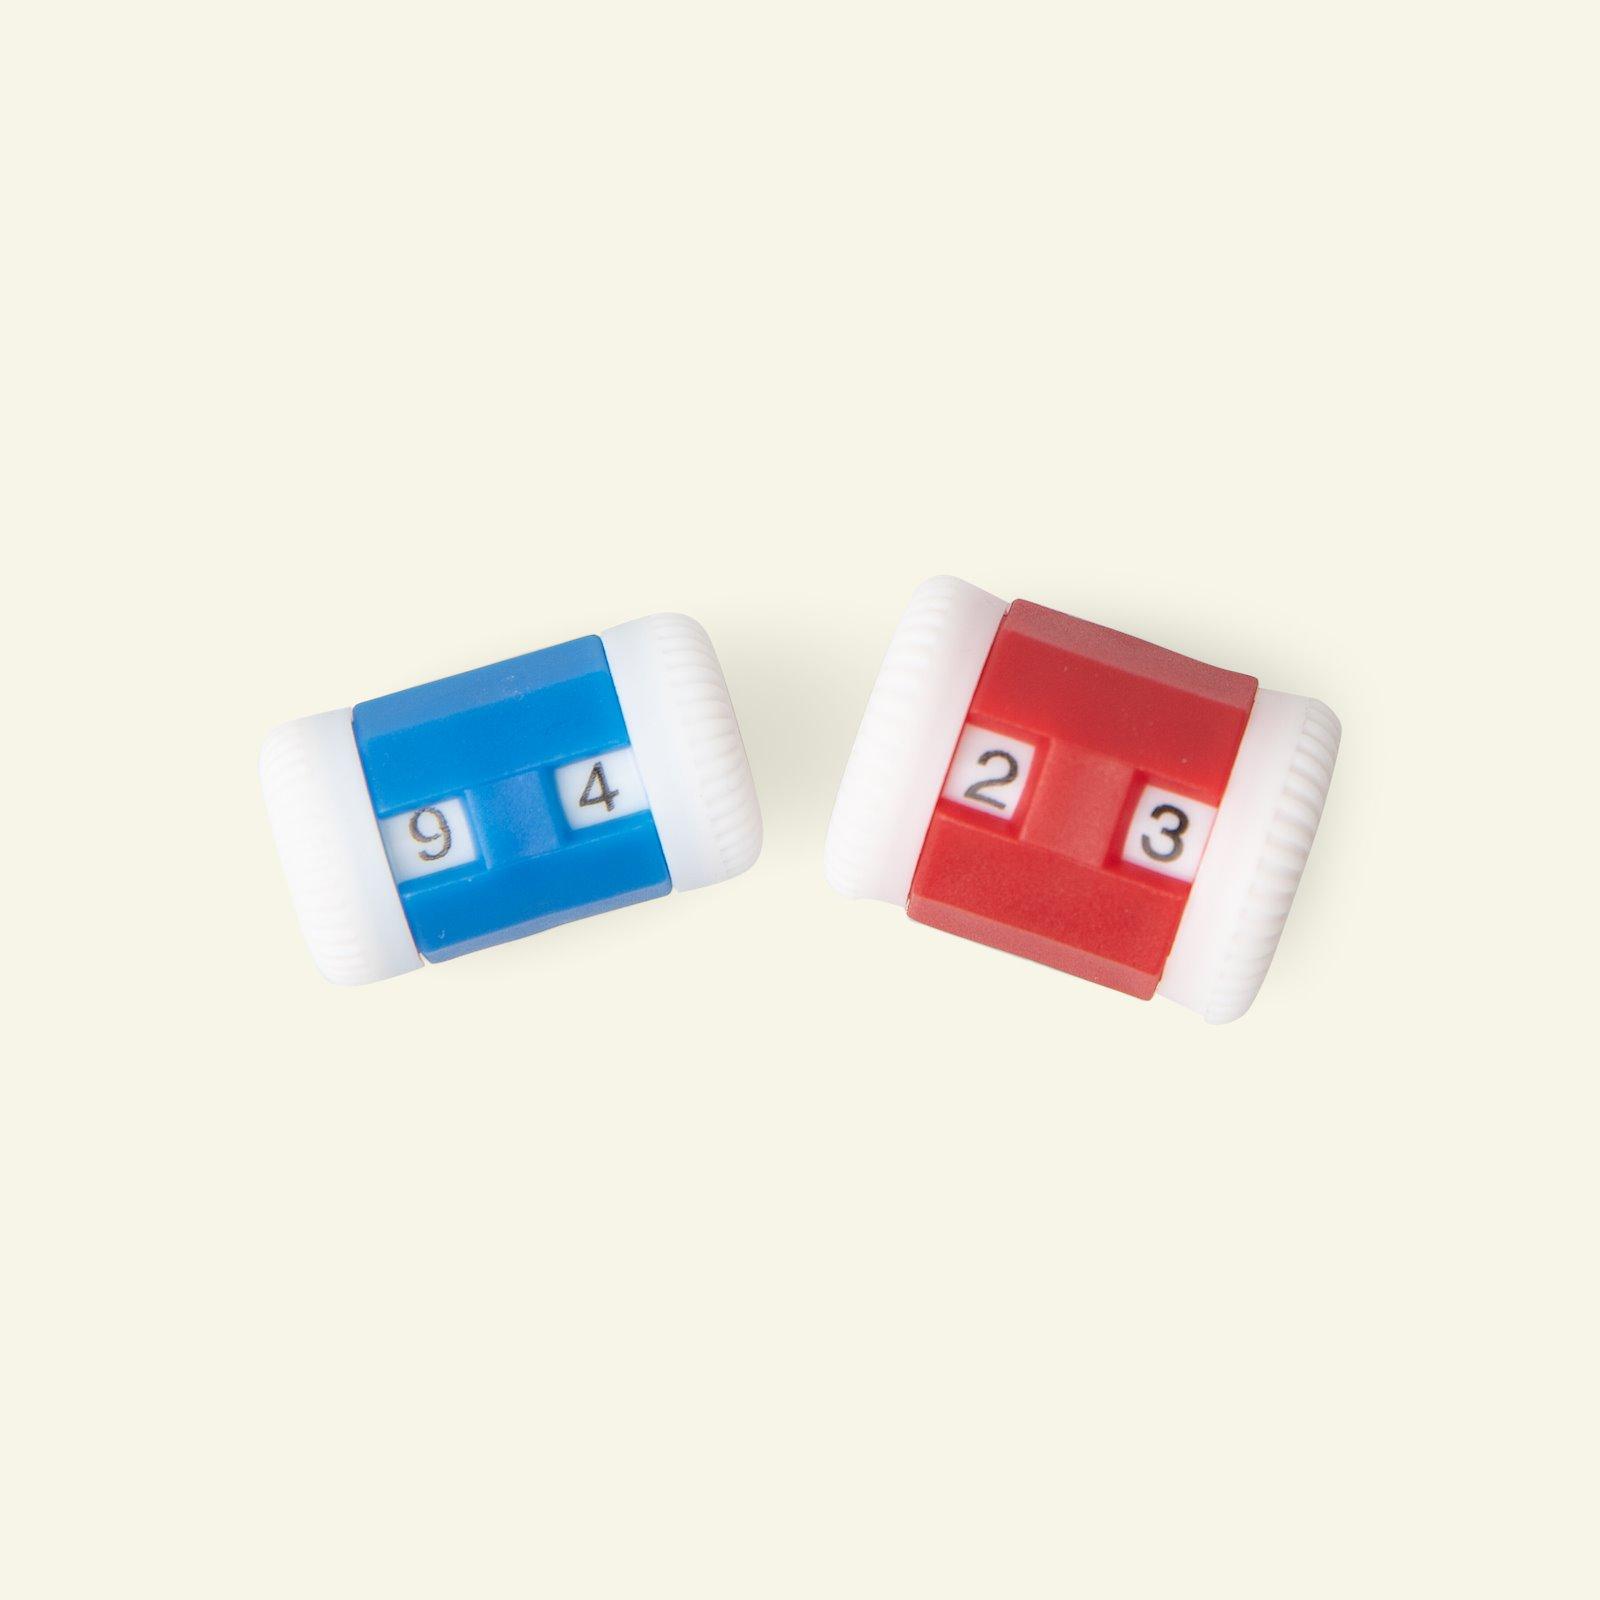 FRAYA row counters 2 pcs. 83305_pack